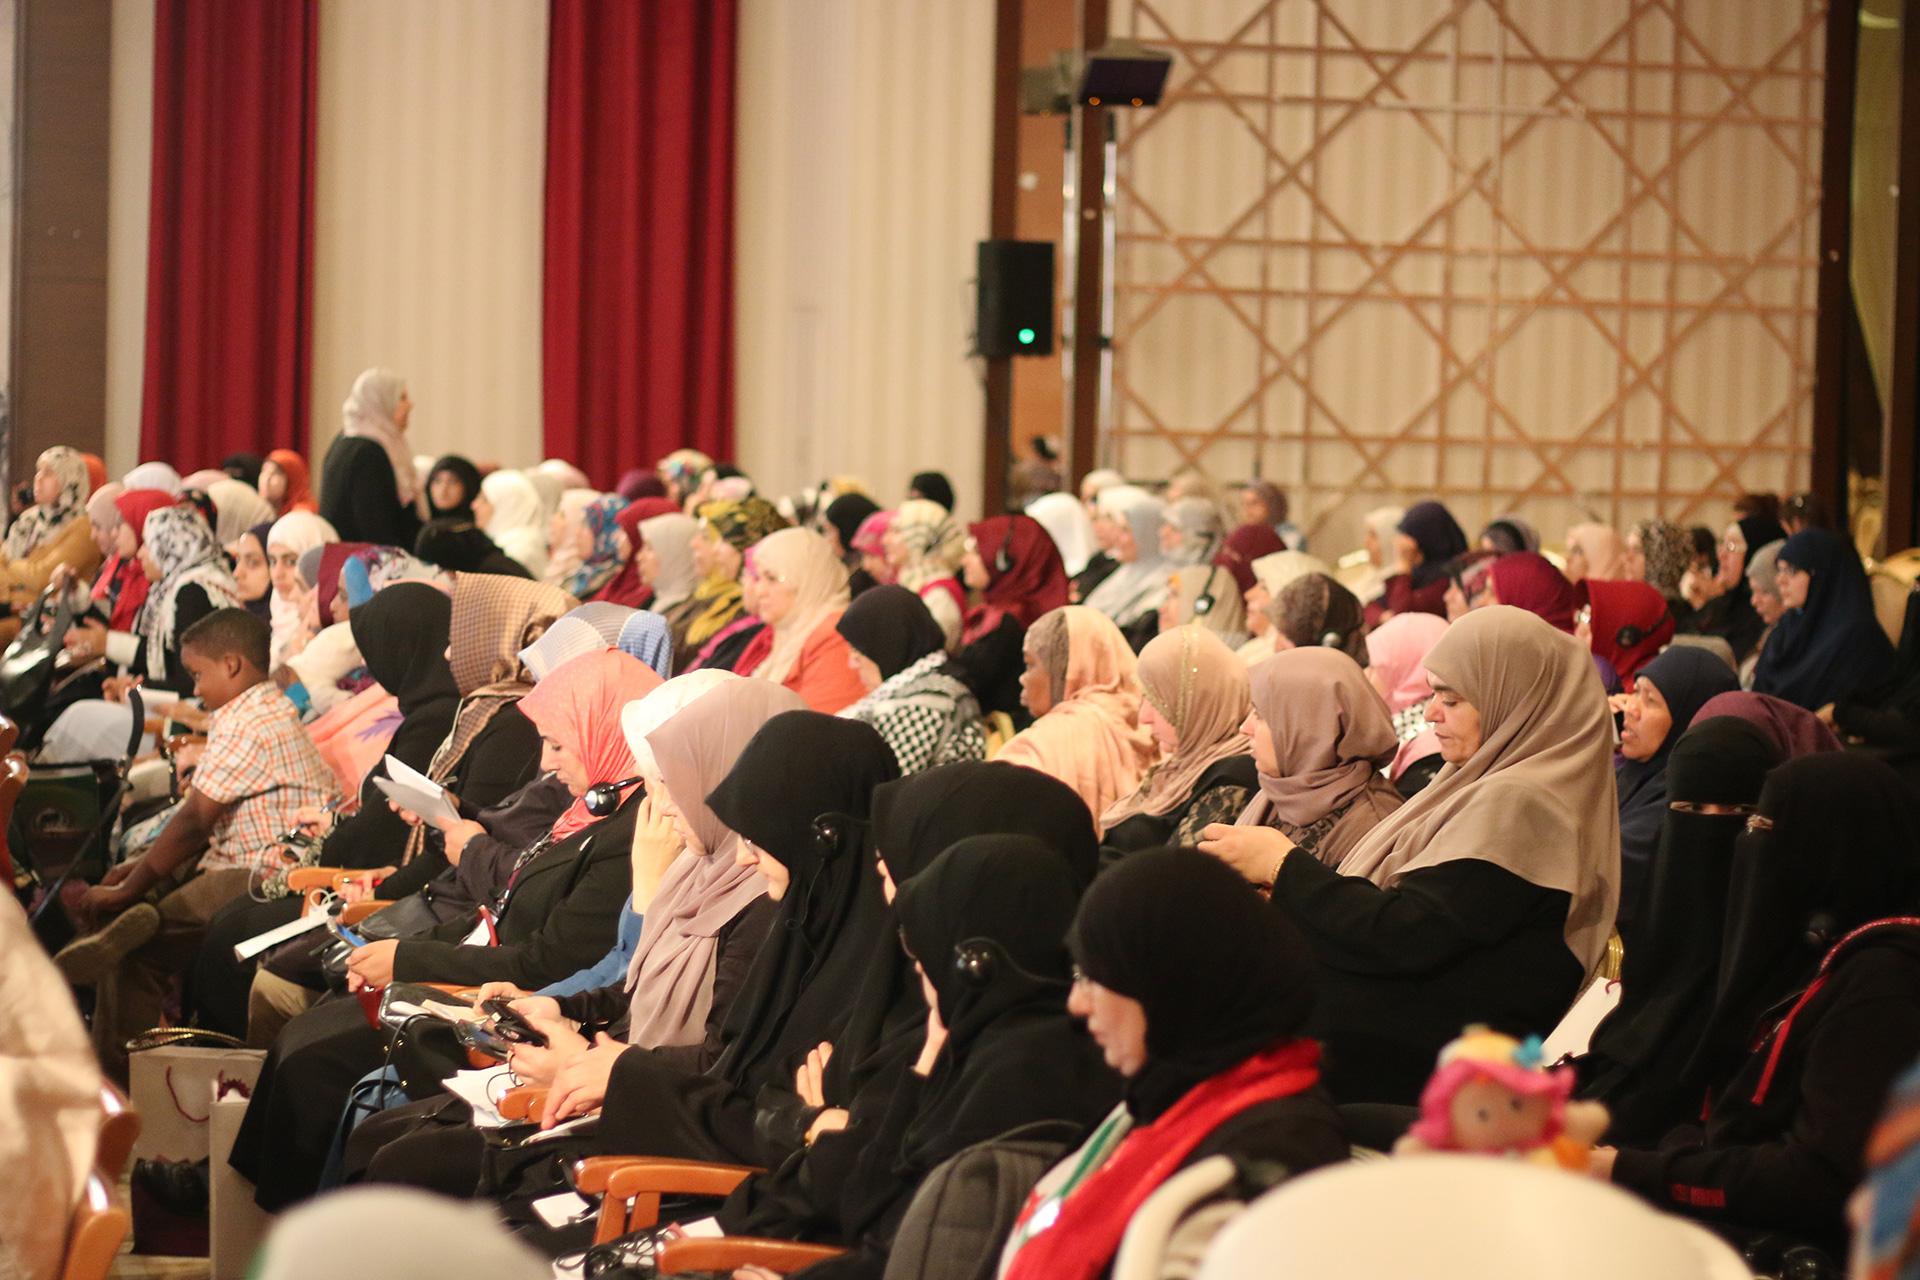 الملتقى الثالث لإئتلاف المرأة العالمي لنصرة القدس وفلسطين